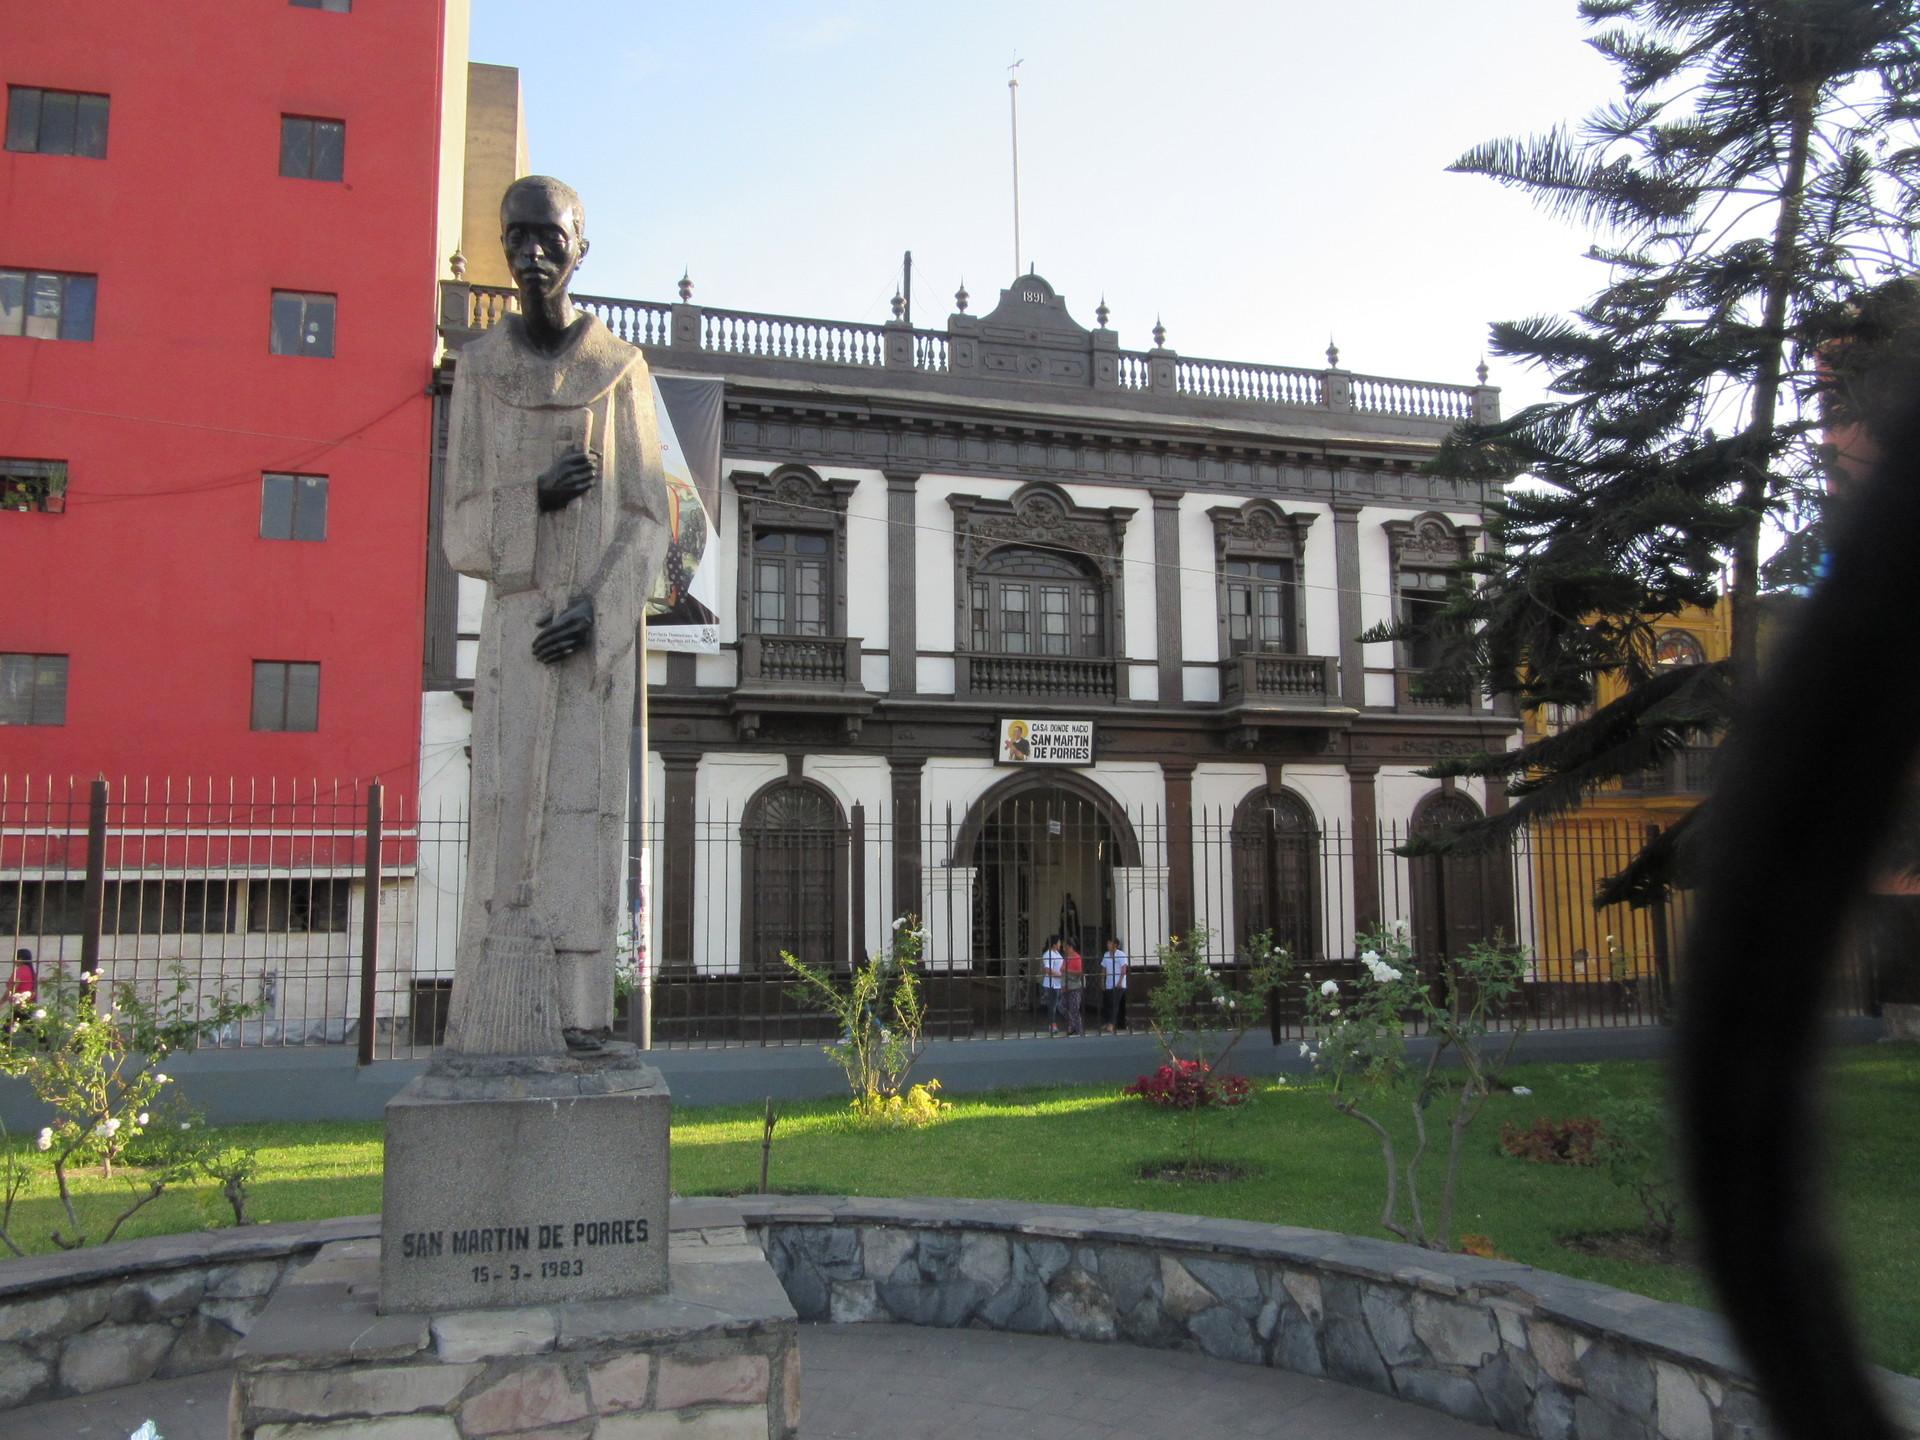 la-casa-santo-mulato-lima-bbc2b48c36b6a7